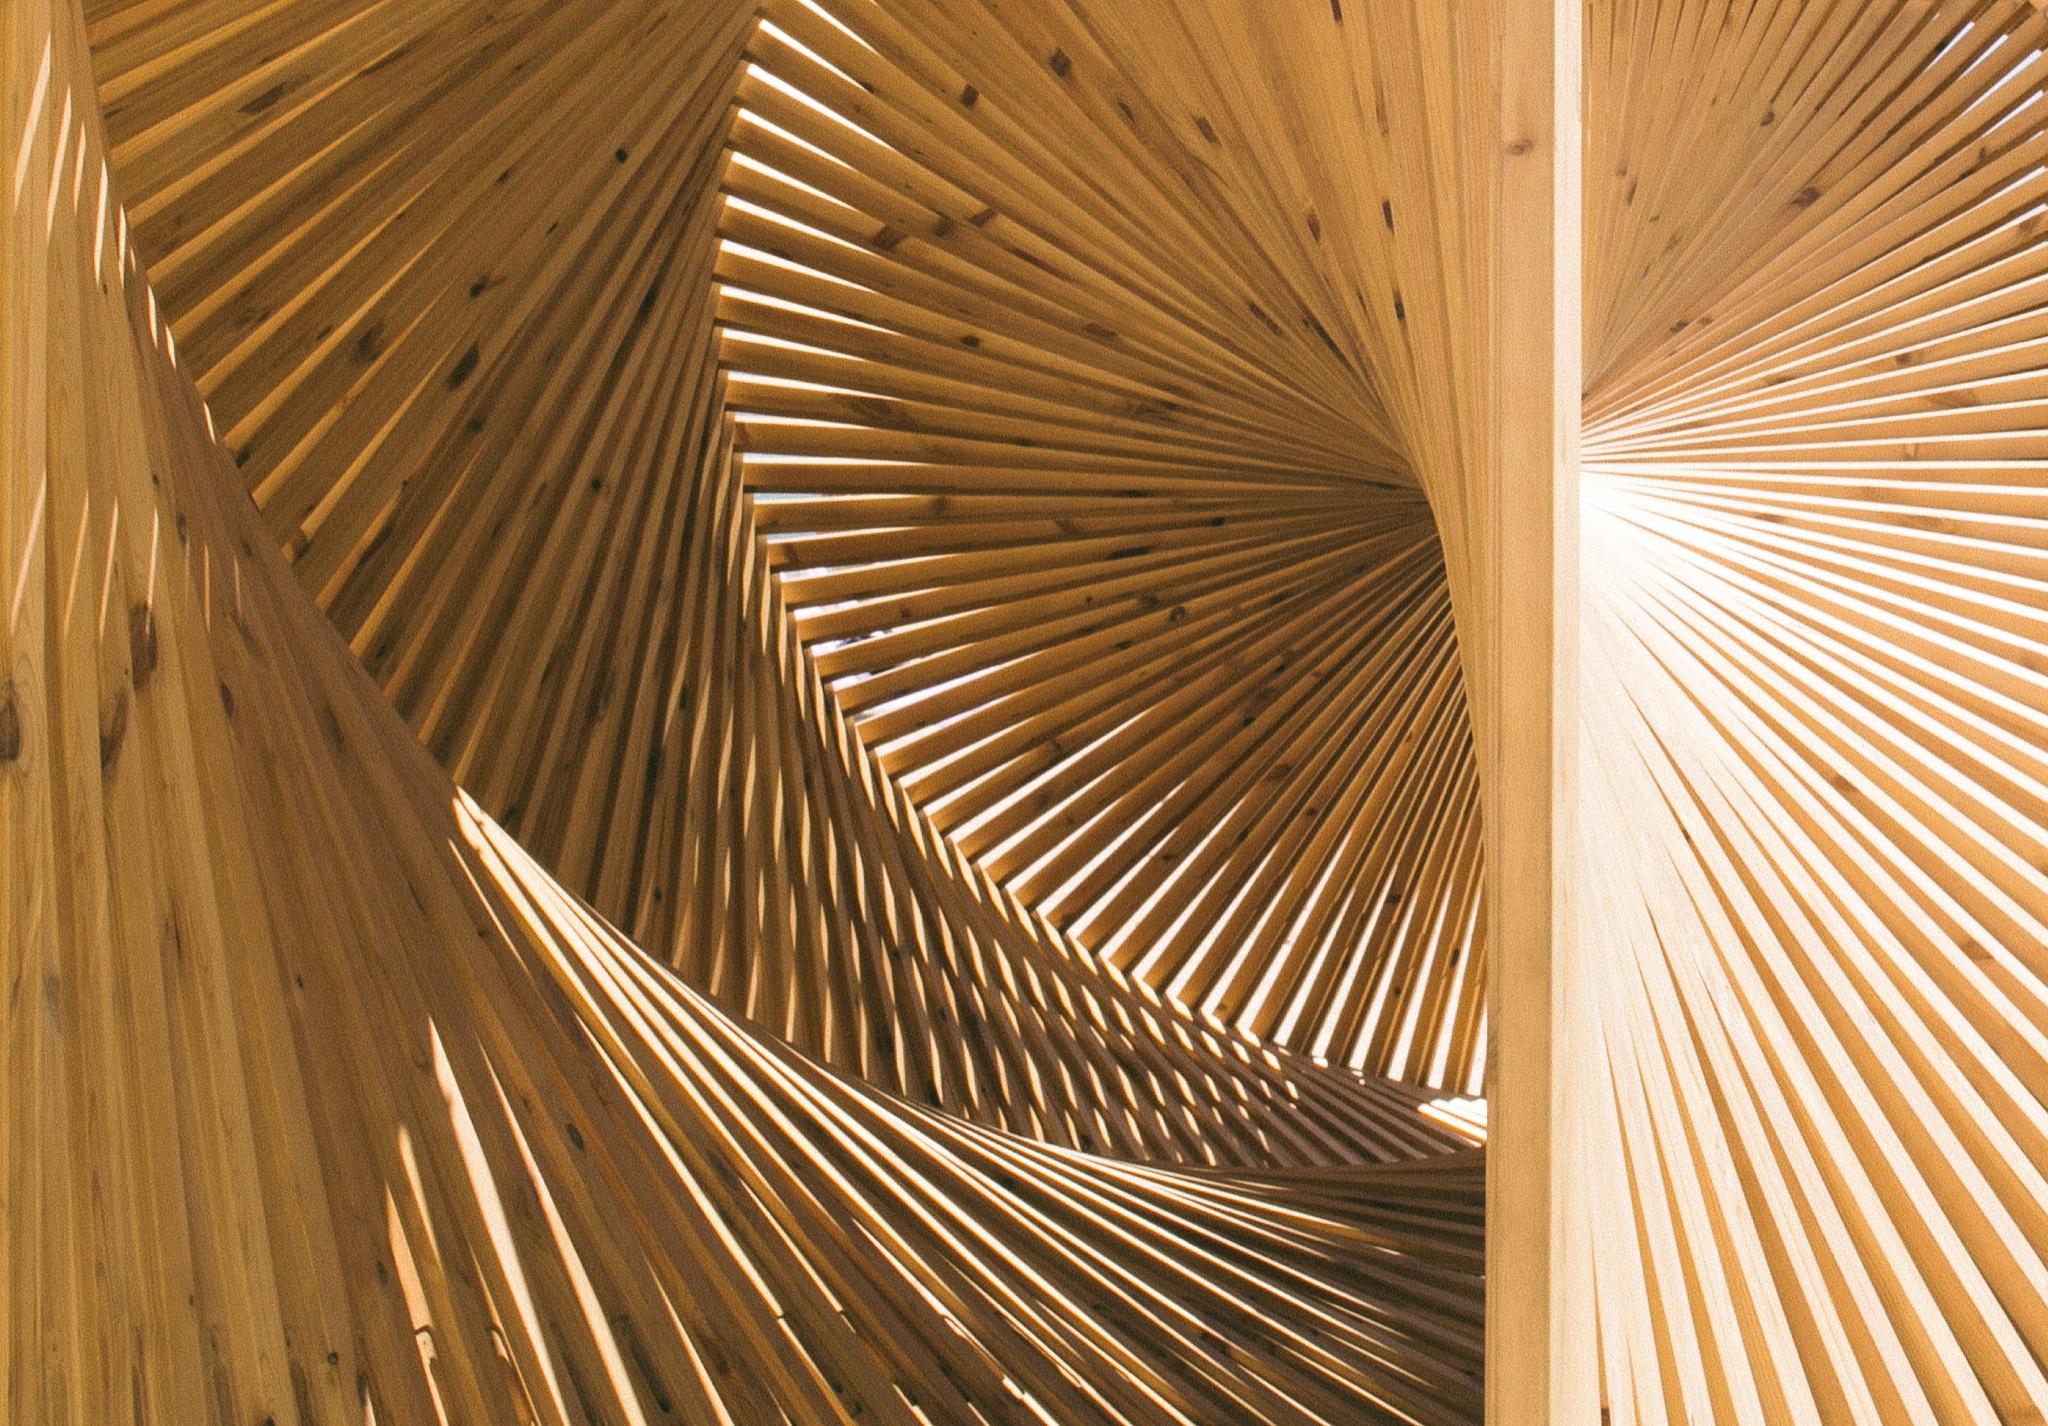 sculpturebythesea-36.jpg